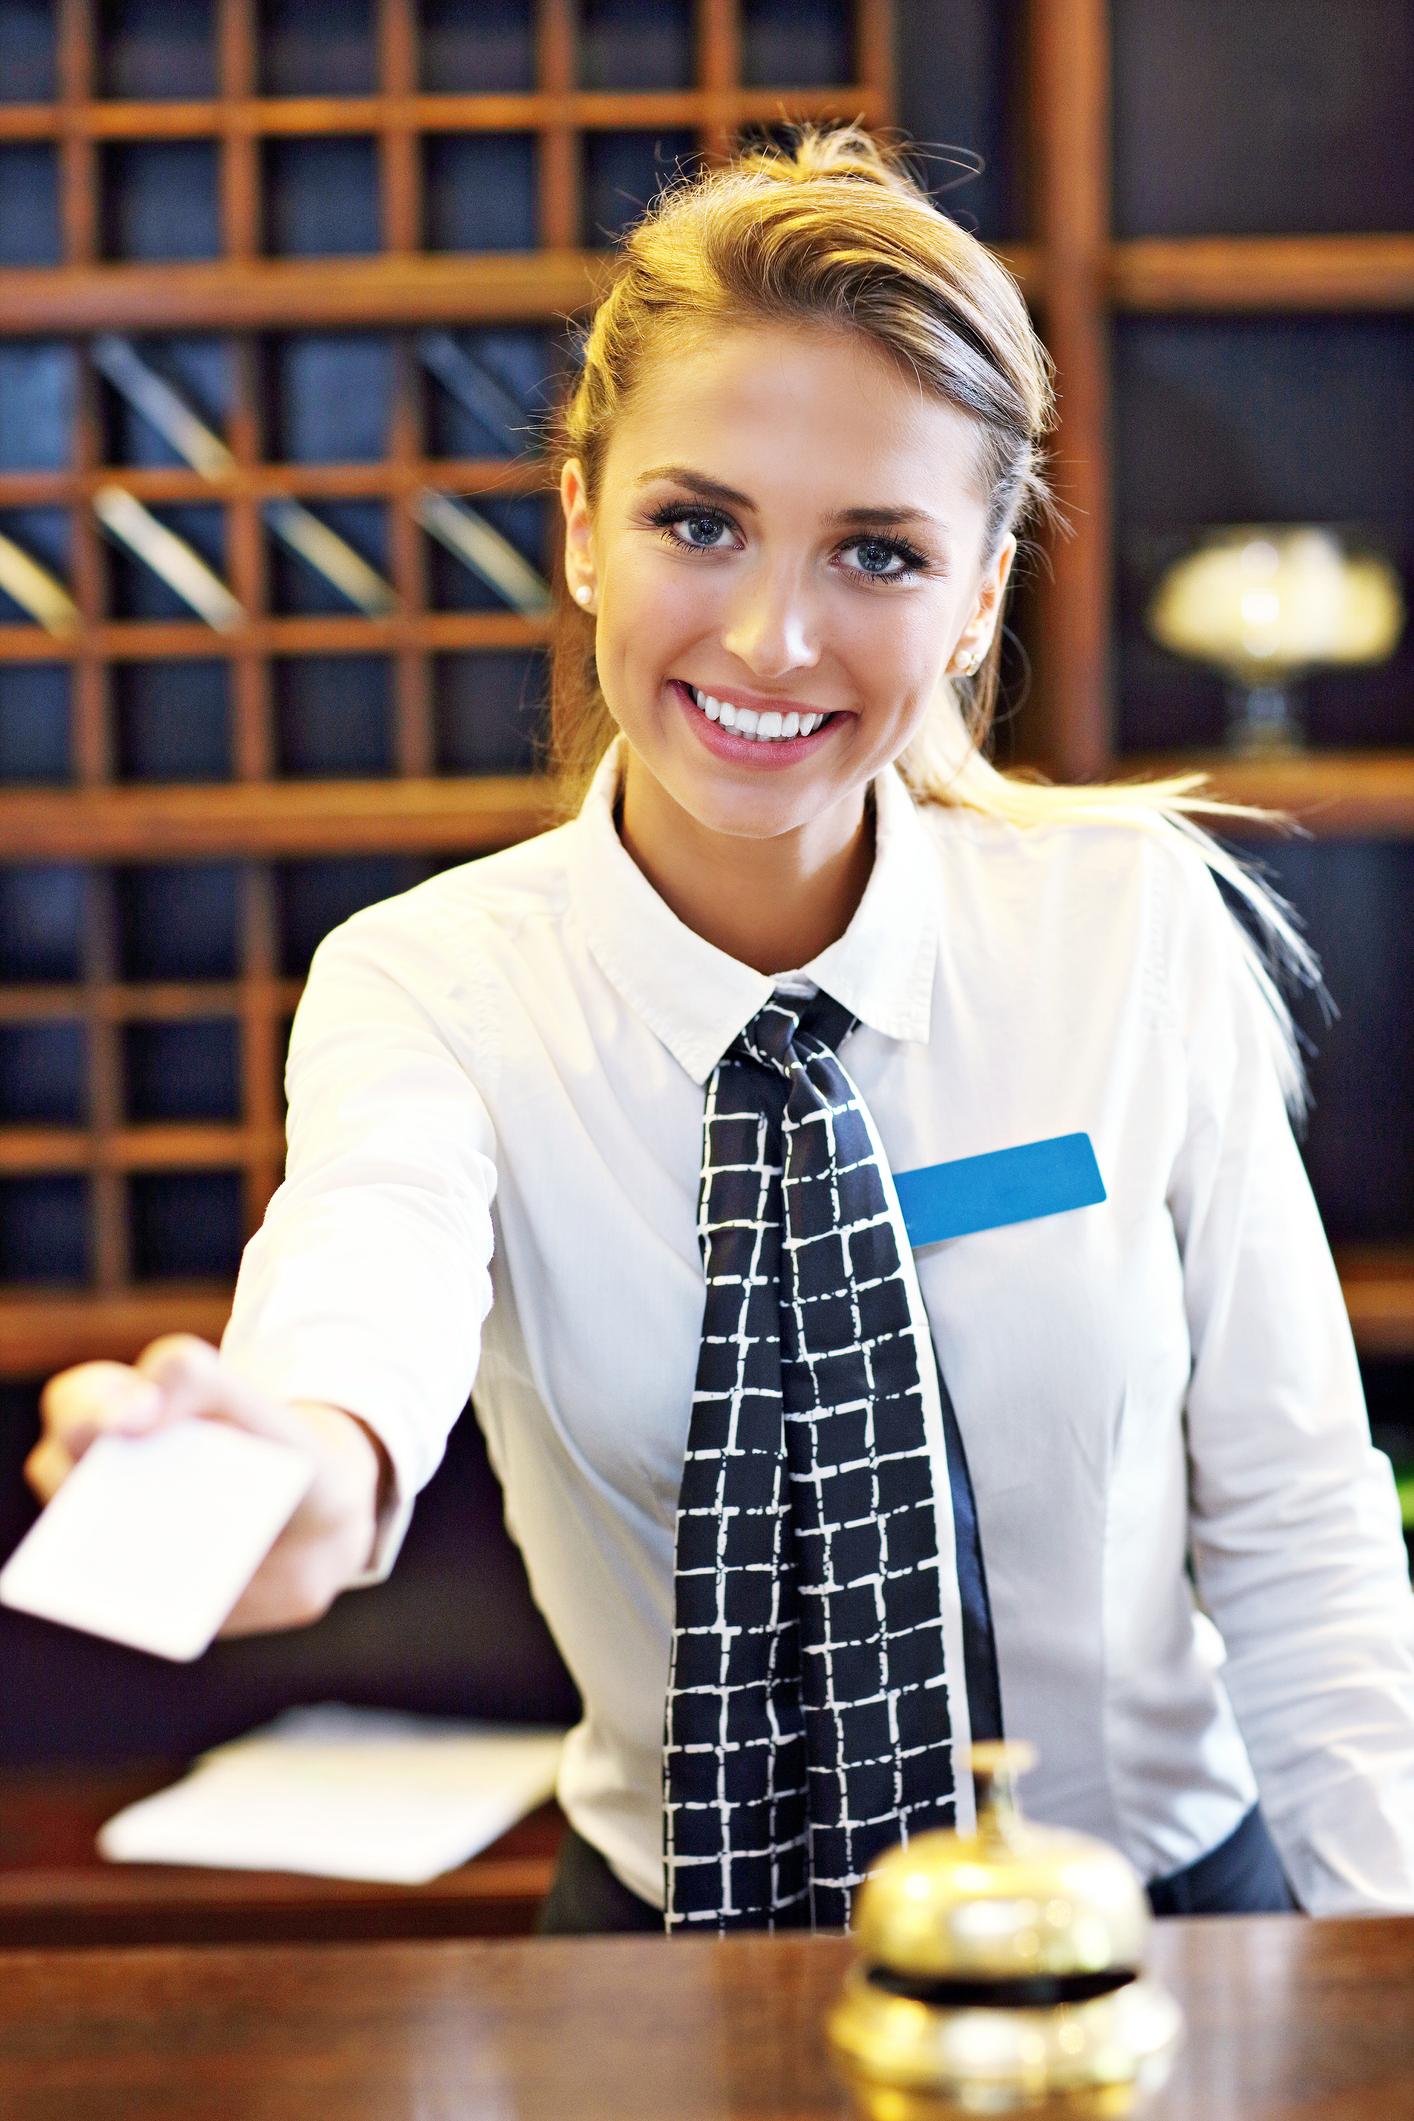 Pretty receptionist giving key card